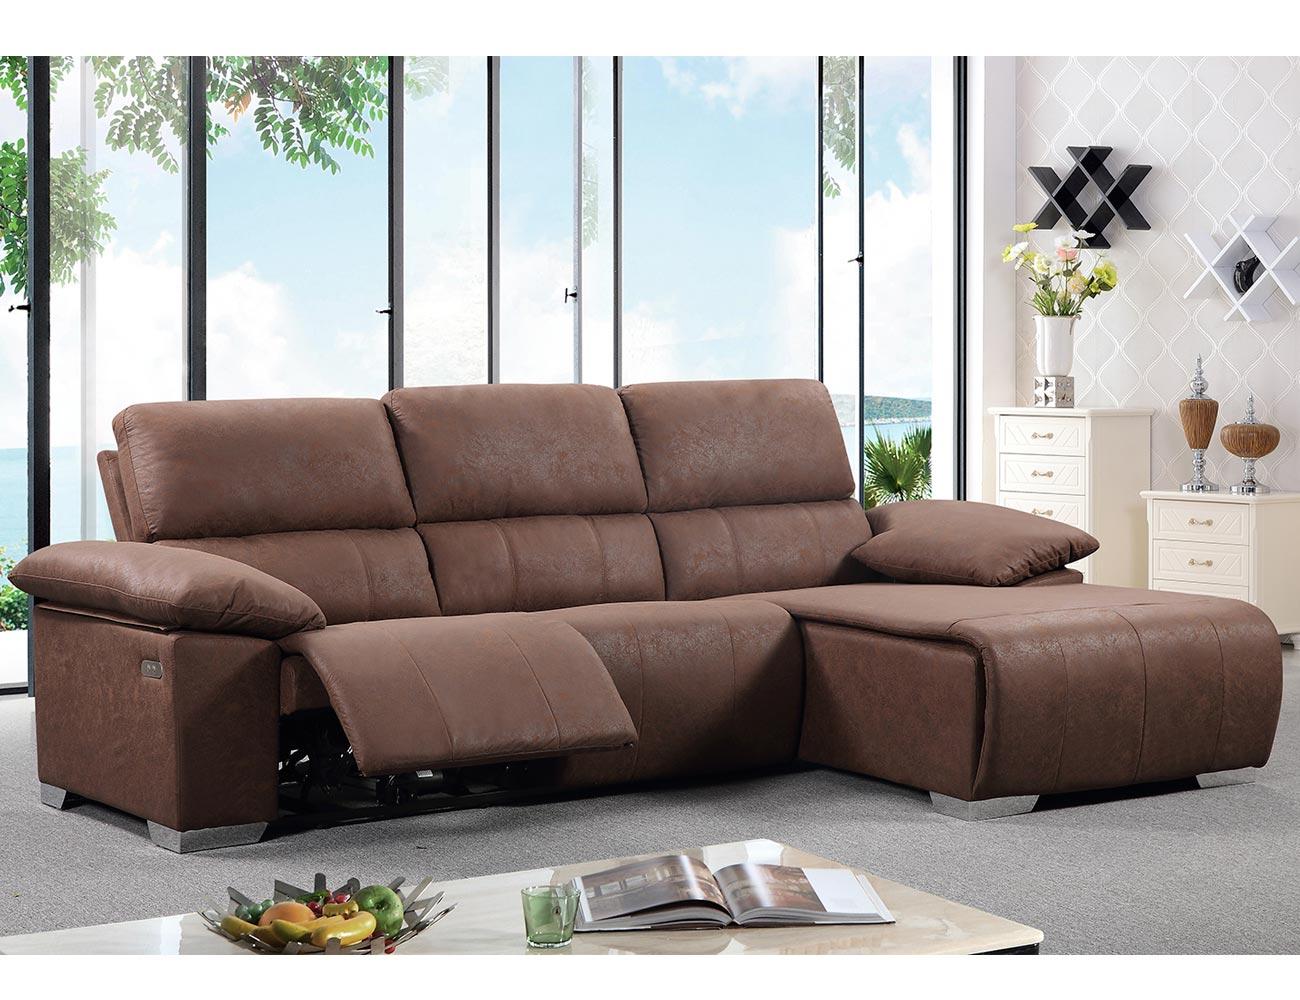 Sof chaiselongue con un asiento relax el ctrico en jade - Factory del sofa sevilla ...